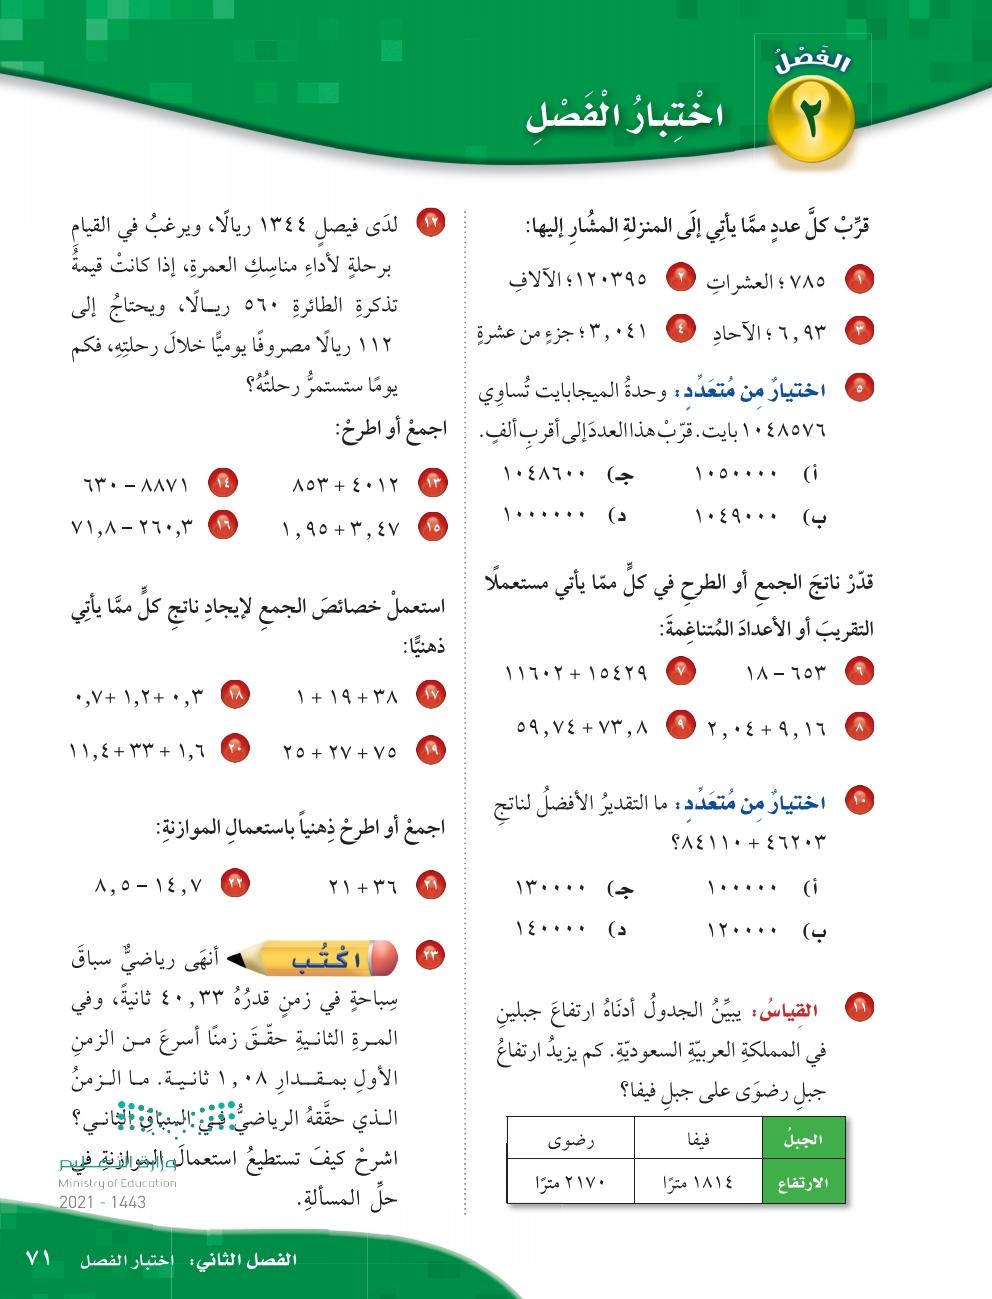 2-6 الجمع والطرح ذهنياً